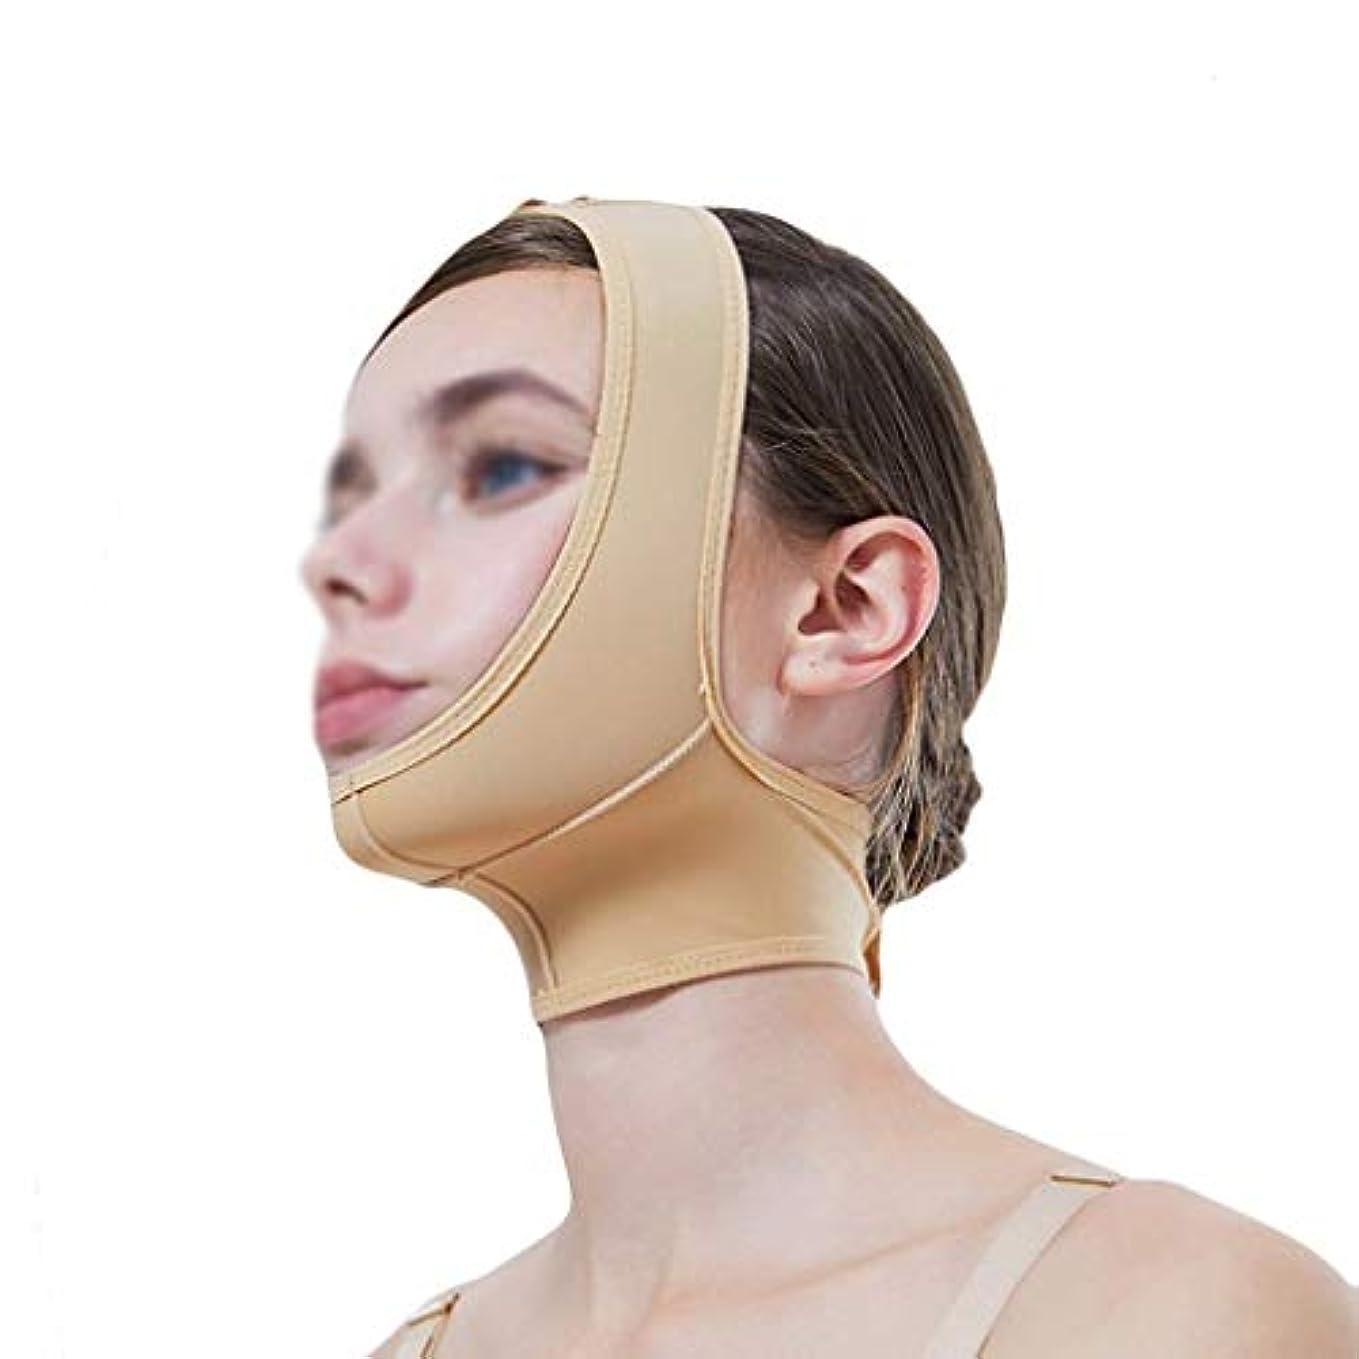 国民面倒予防接種するマスク、超薄型ベルト、フェイスリフティングに適し、フェイスリフティング、通気性包帯、あご取りベルト、超薄型ベルト、通気性(サイズ:XL),M